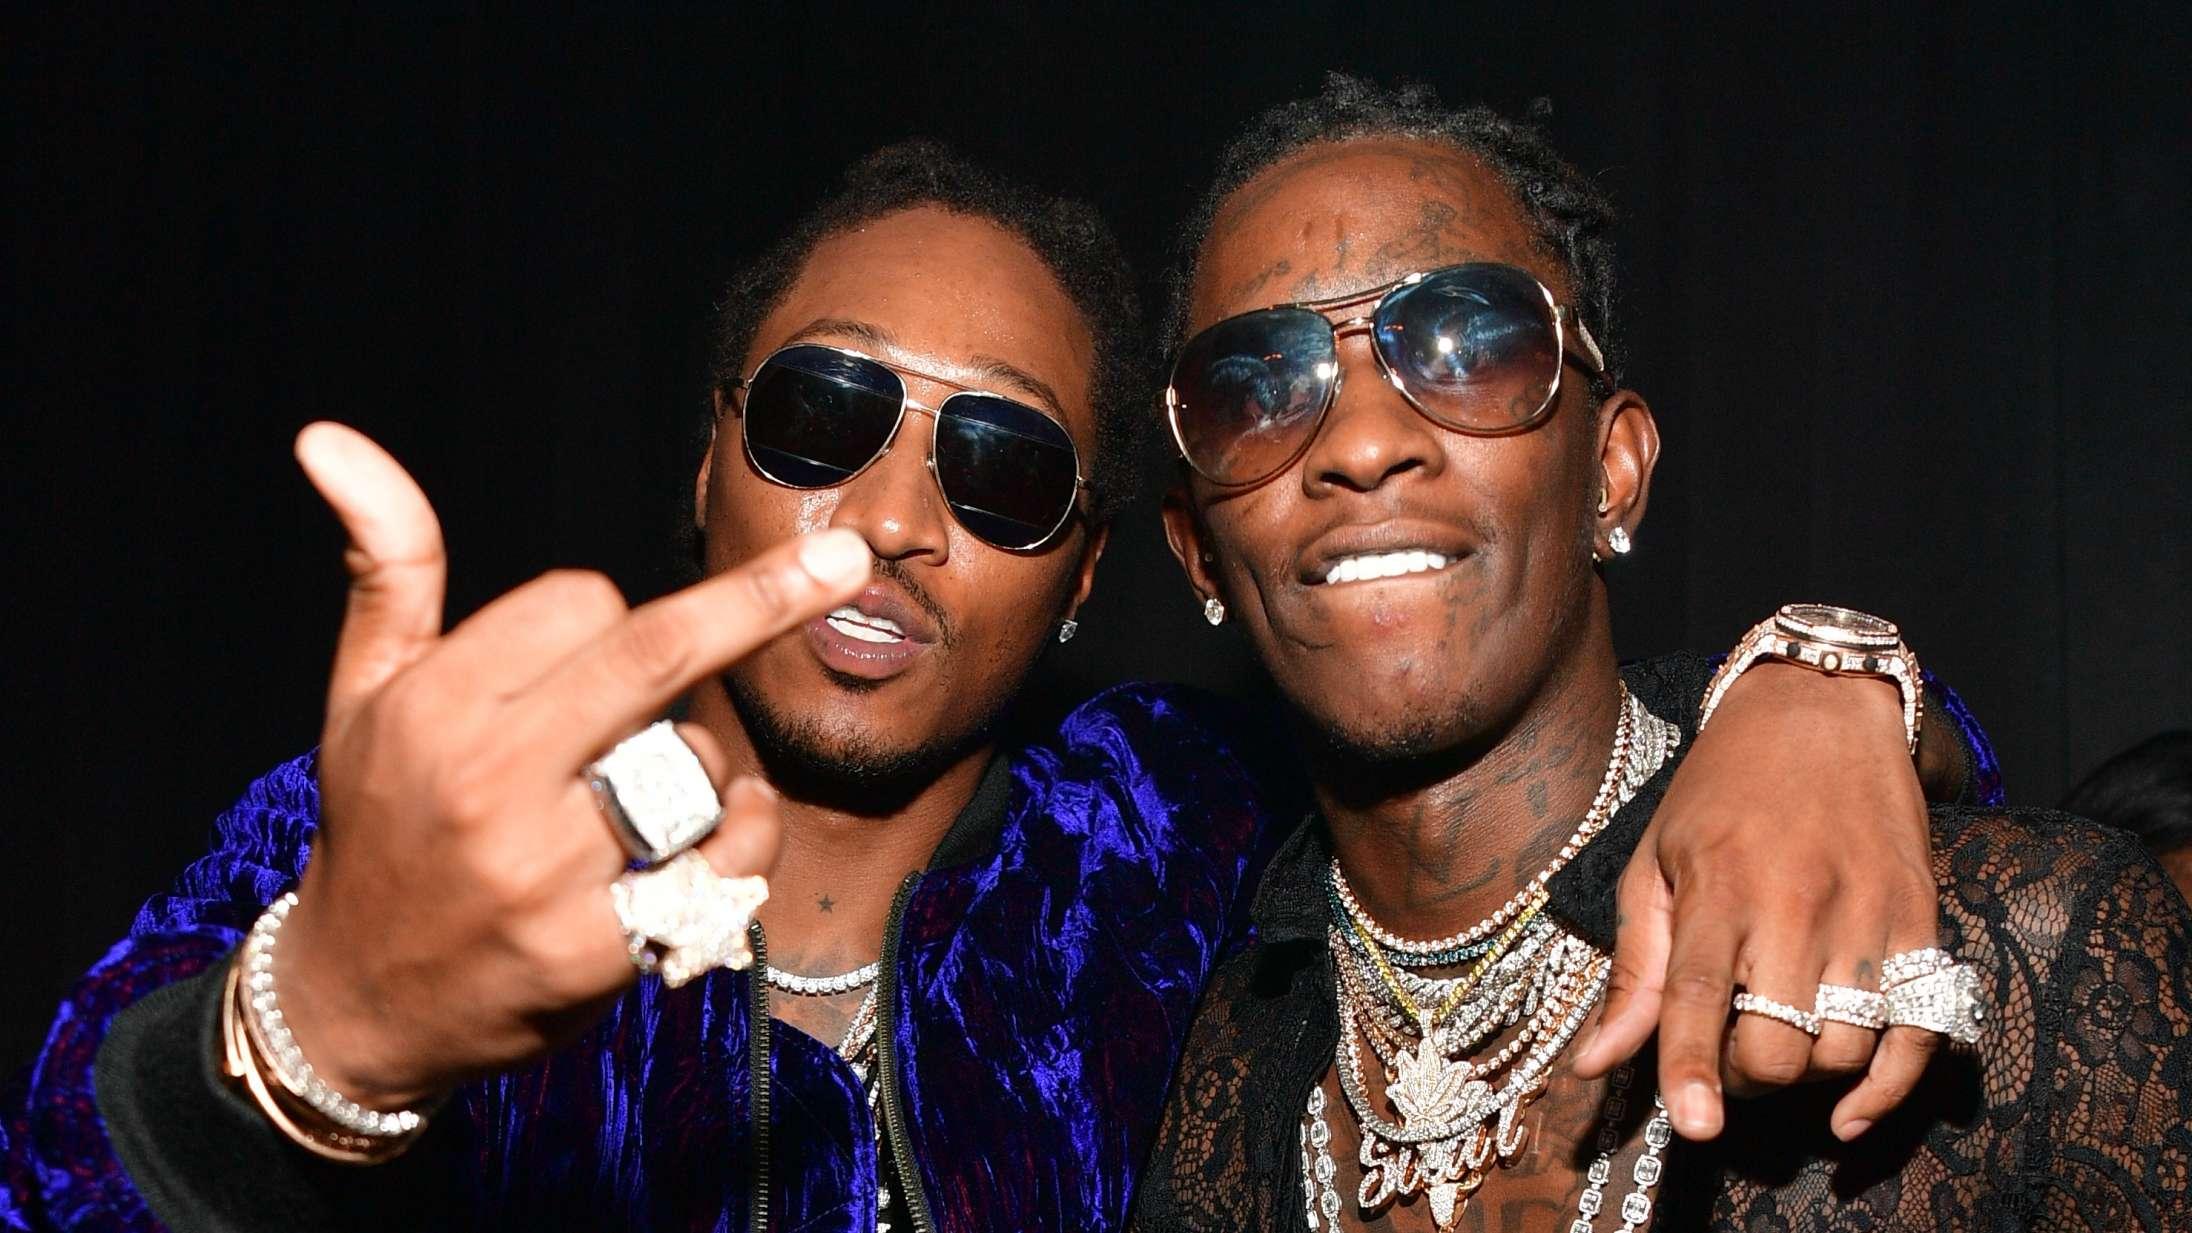 Vi har rangeret alle 30 (!) rappere på Young Thugs nye album – fra værst til bedst